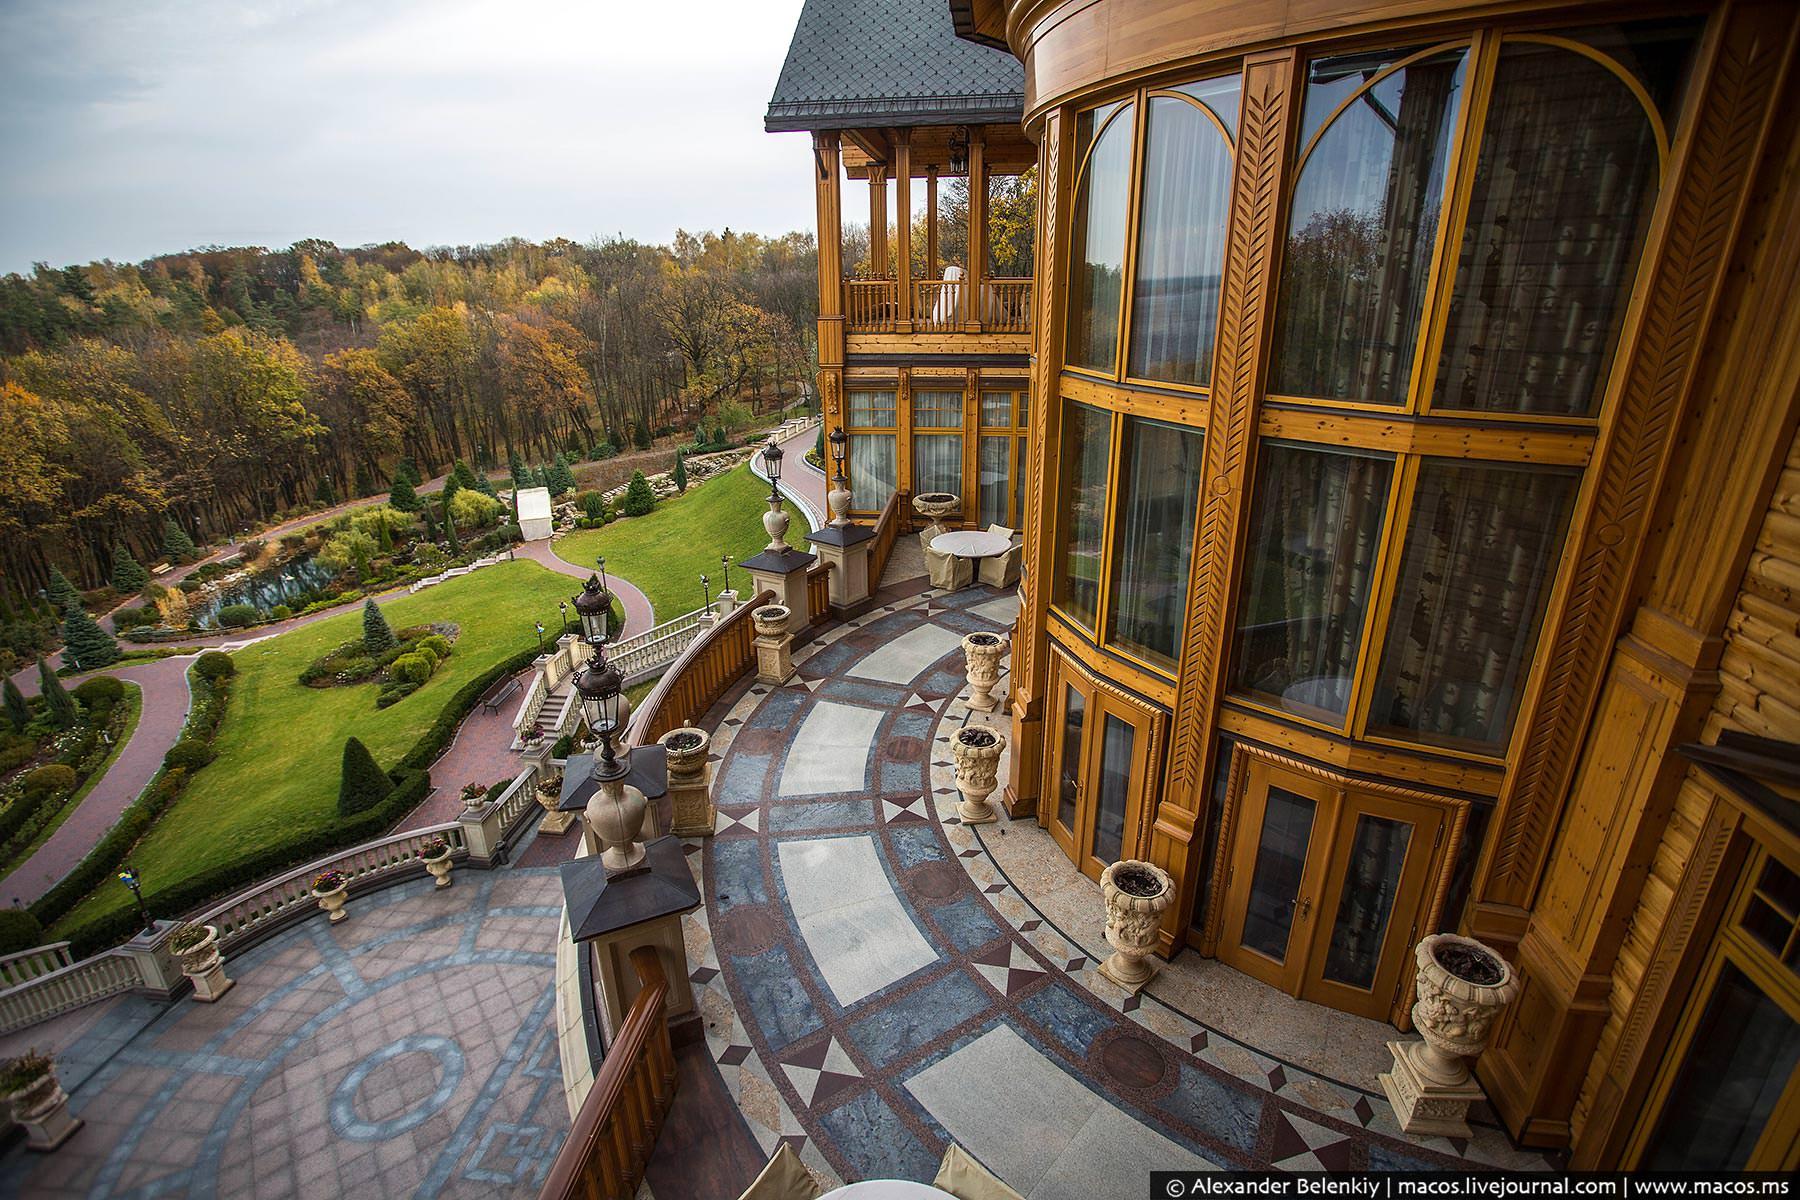 http://www.pravda-tv.ru/wp-content/uploads/2014/11/LR2014.10-UA-Residence-43.jpg